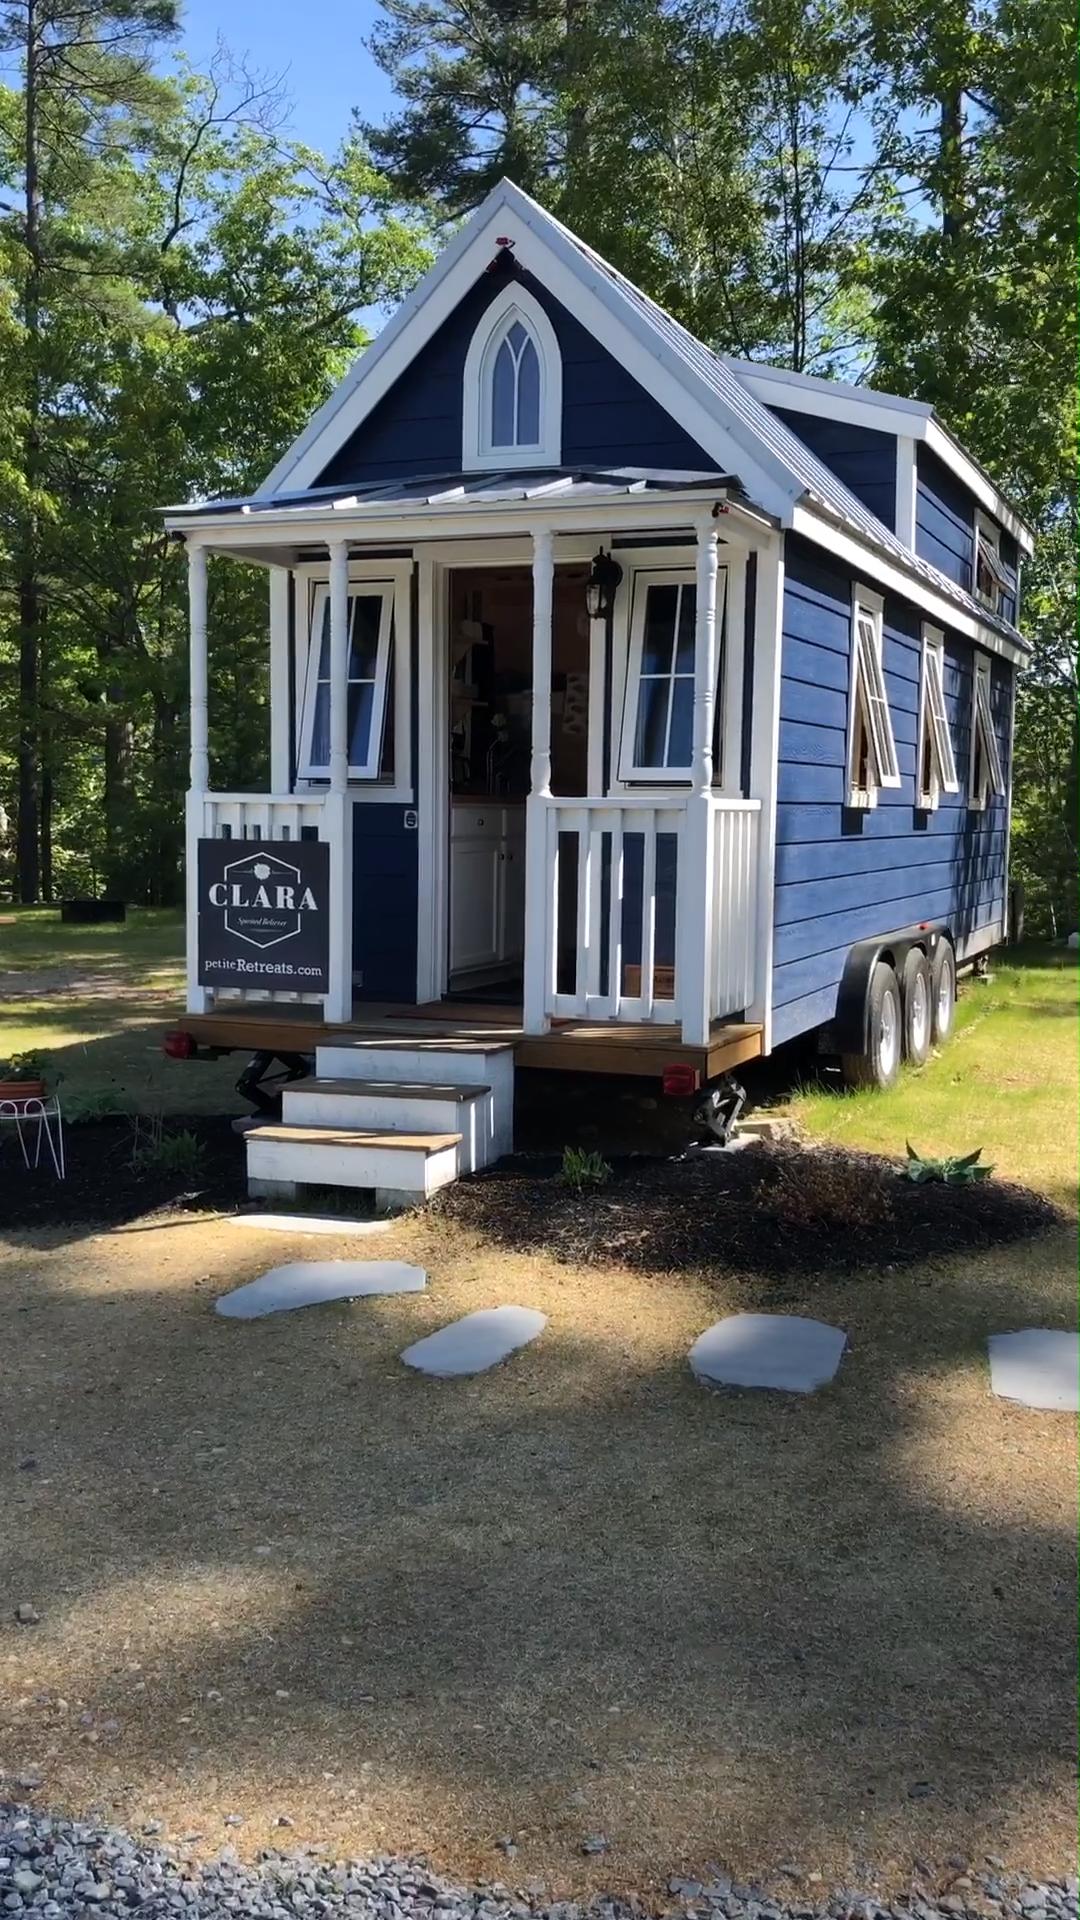 """Tiny House Tour of """"Clara"""" Tiny Home on Wheels!"""